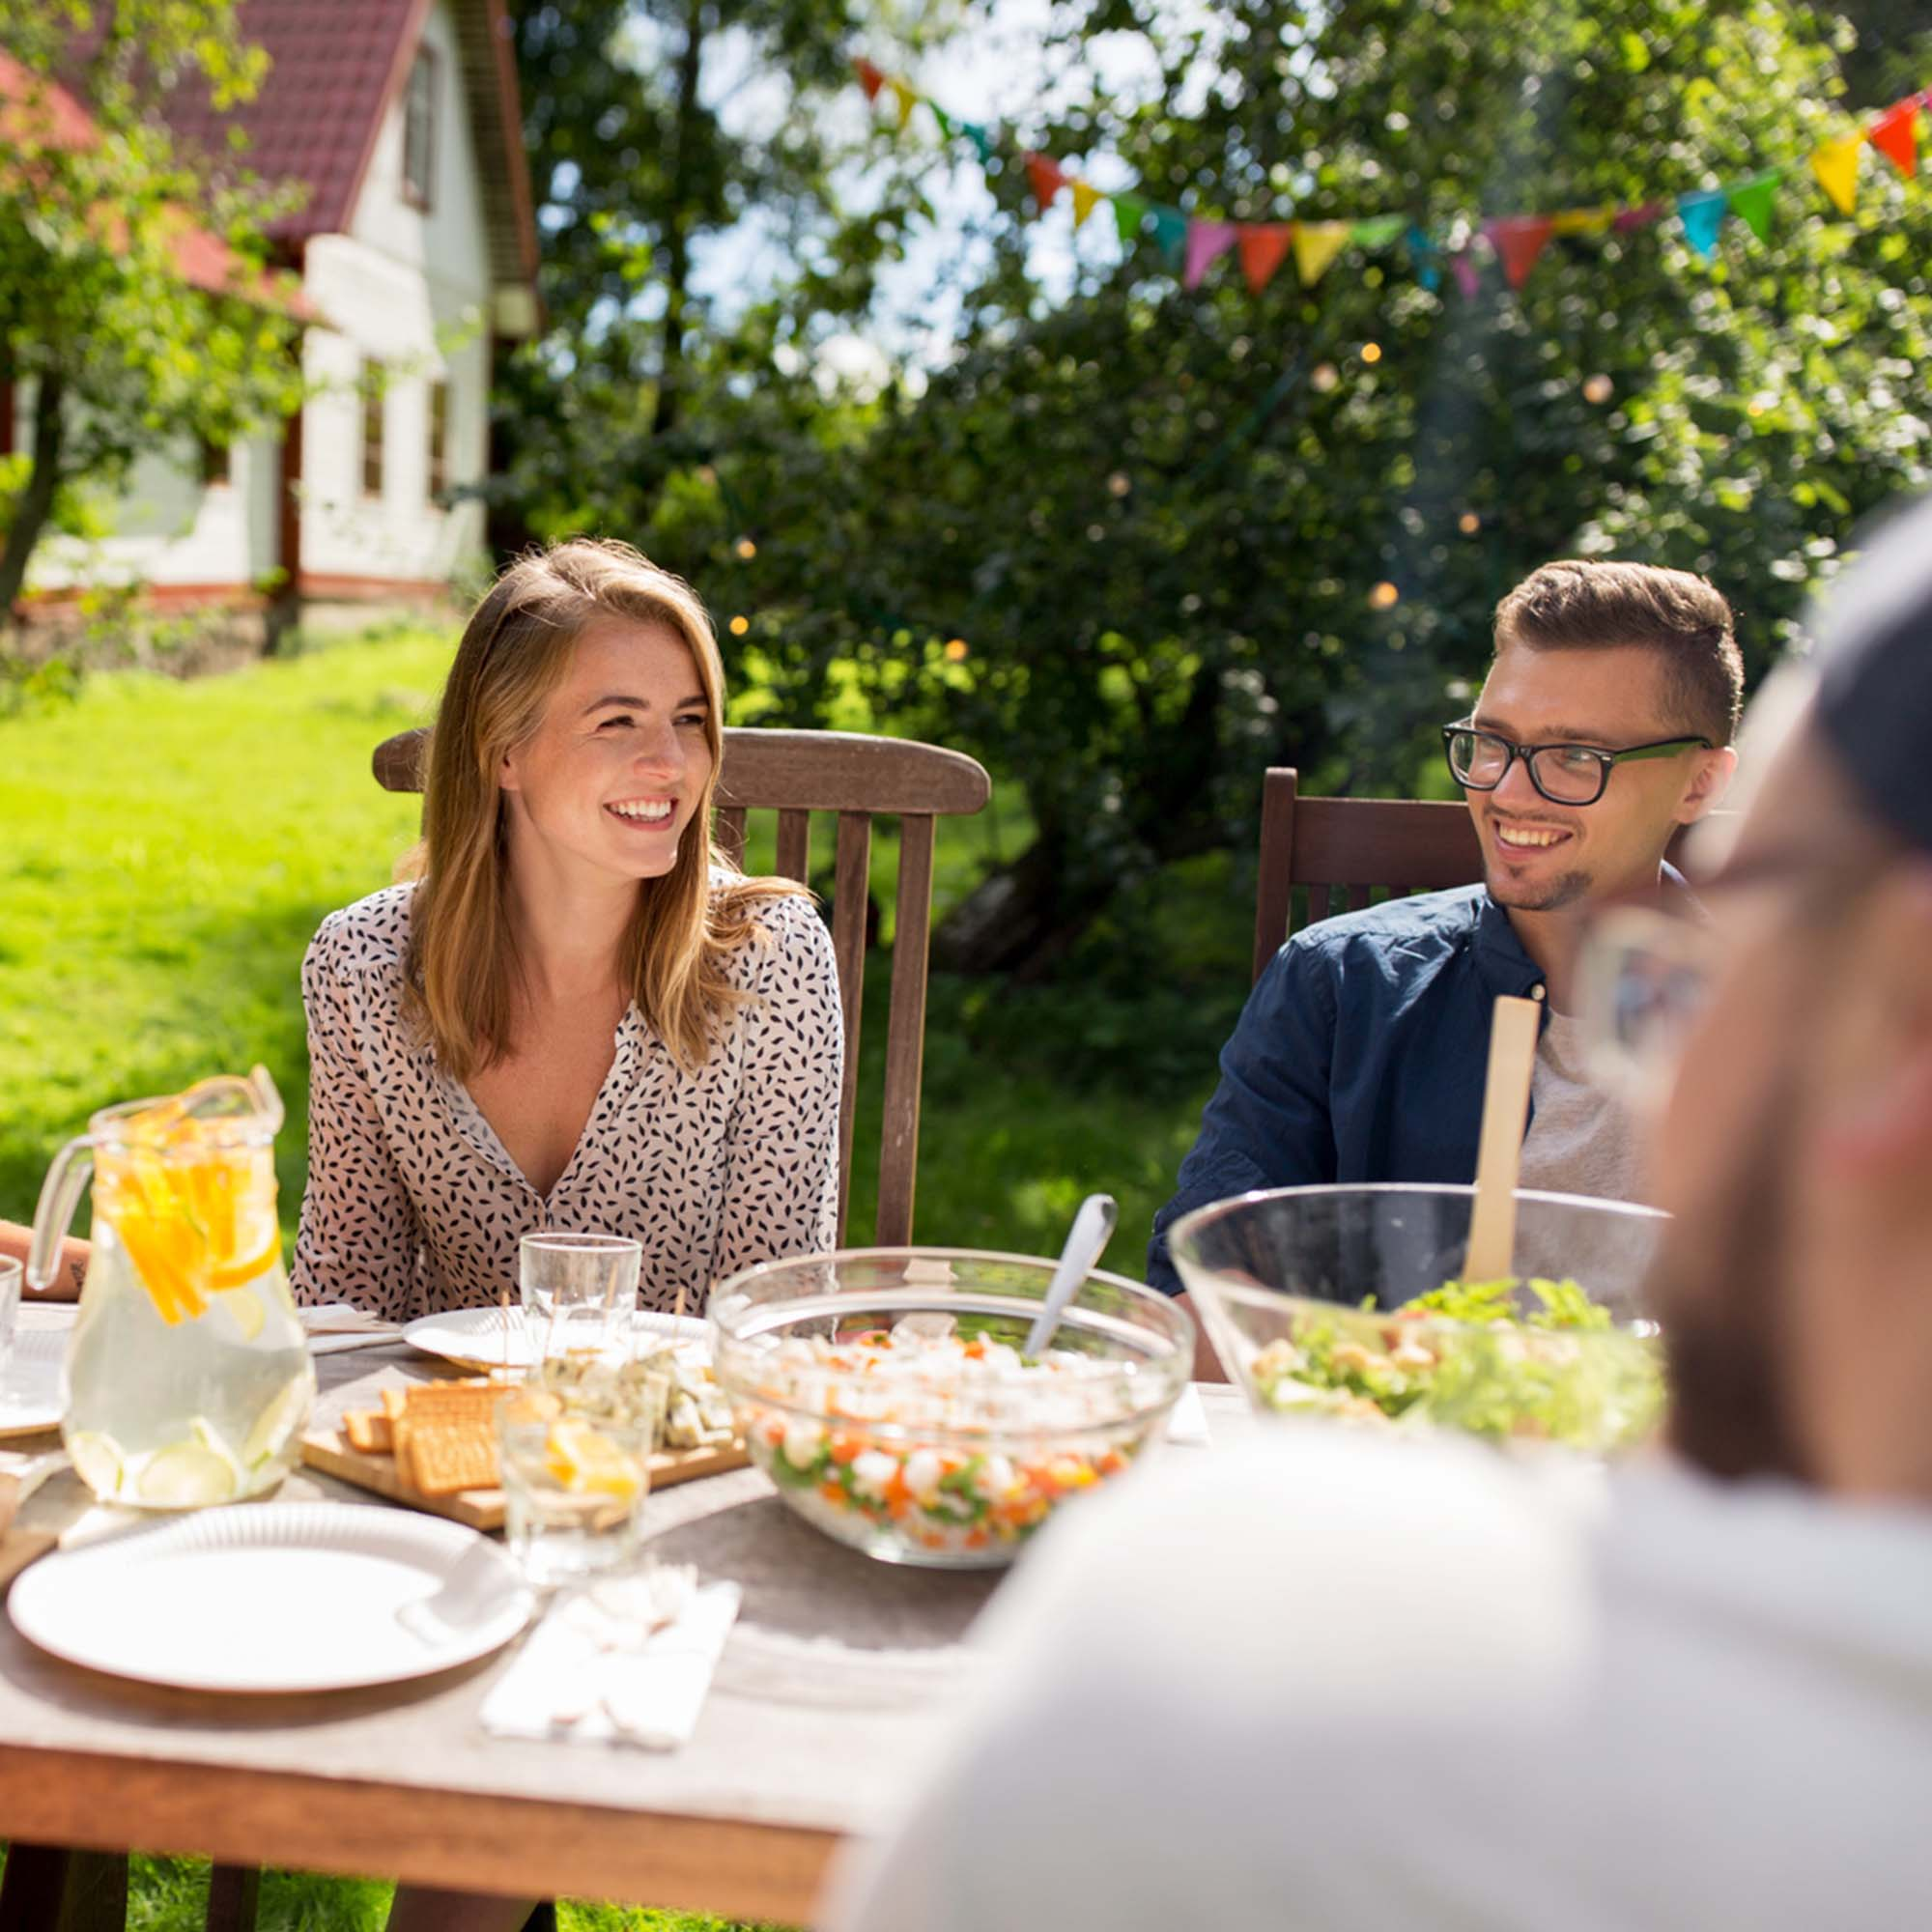 Essen im Garten